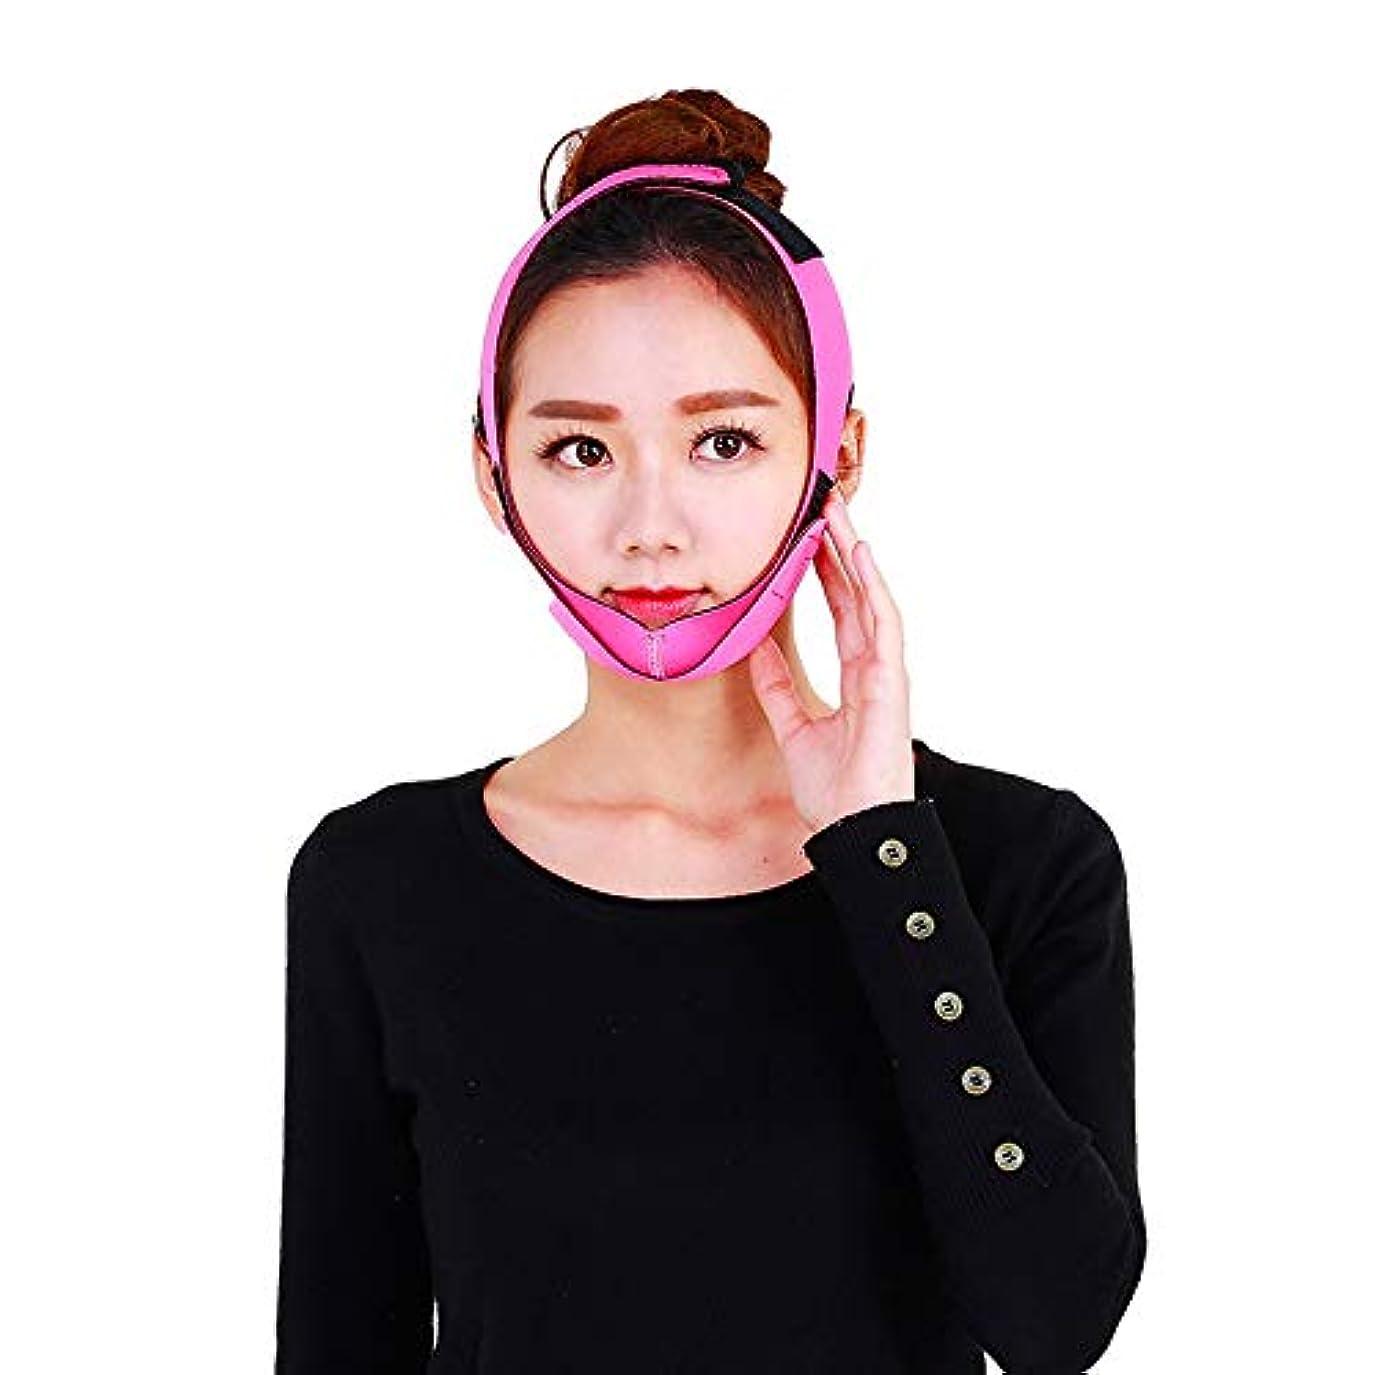 印象的キャンペーンサンドイッチ飛強強 顔の持ち上がる痩身ベルト - 薄い顔包帯二重あごのデバイス無料の顔のマッサージ整形マスクが顔と首を締めます スリムフィット美容ツール